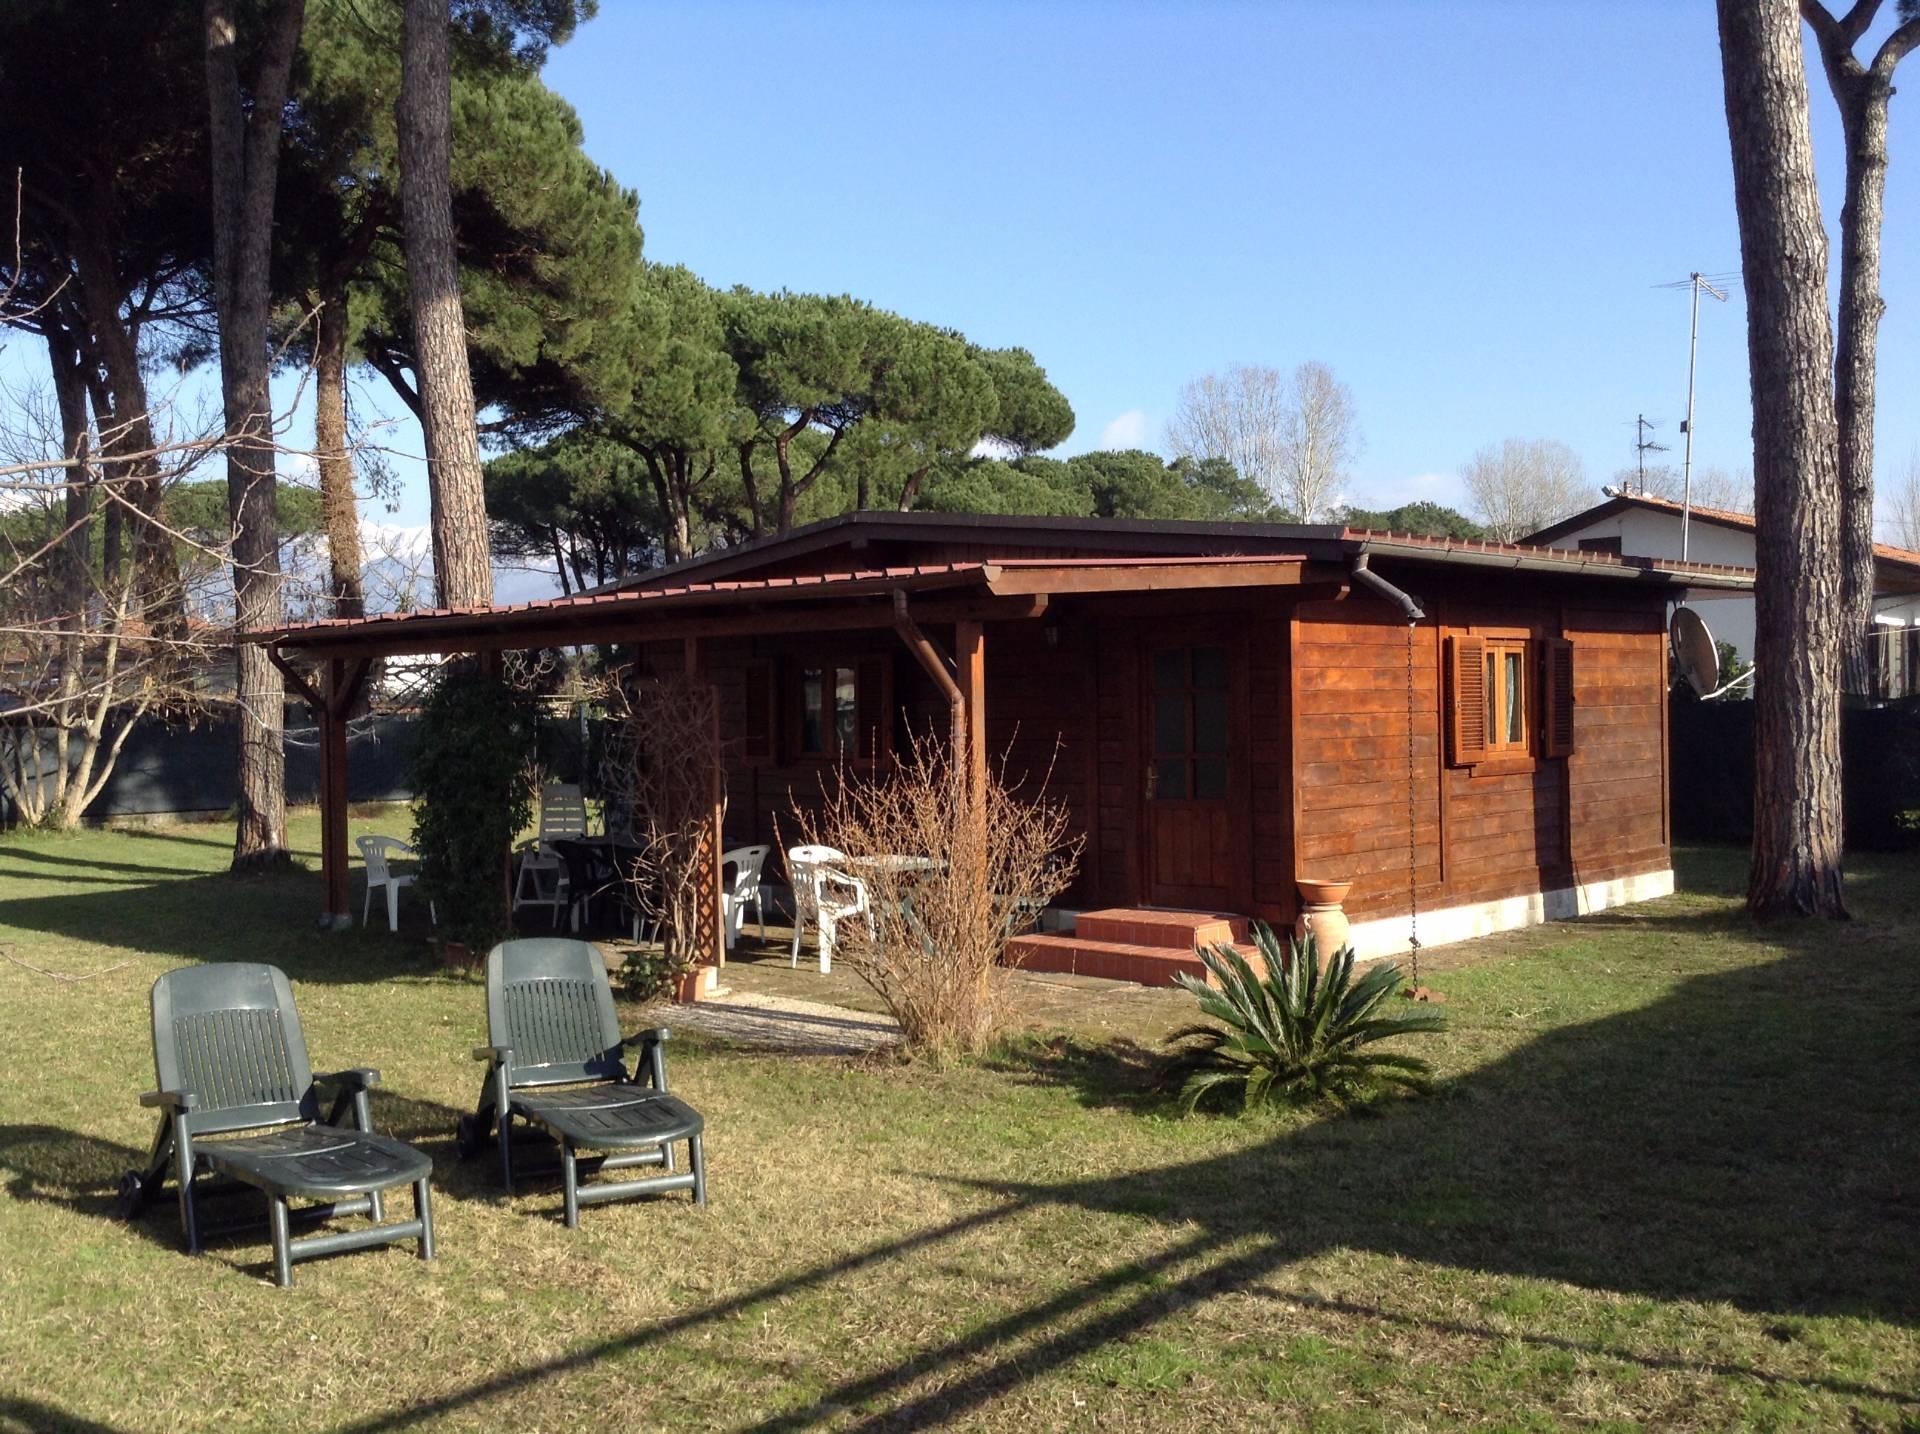 Soluzione Indipendente in affitto a Massa, 2 locali, zona Località: MarinadiMassa, prezzo € 450 | Cambio Casa.it